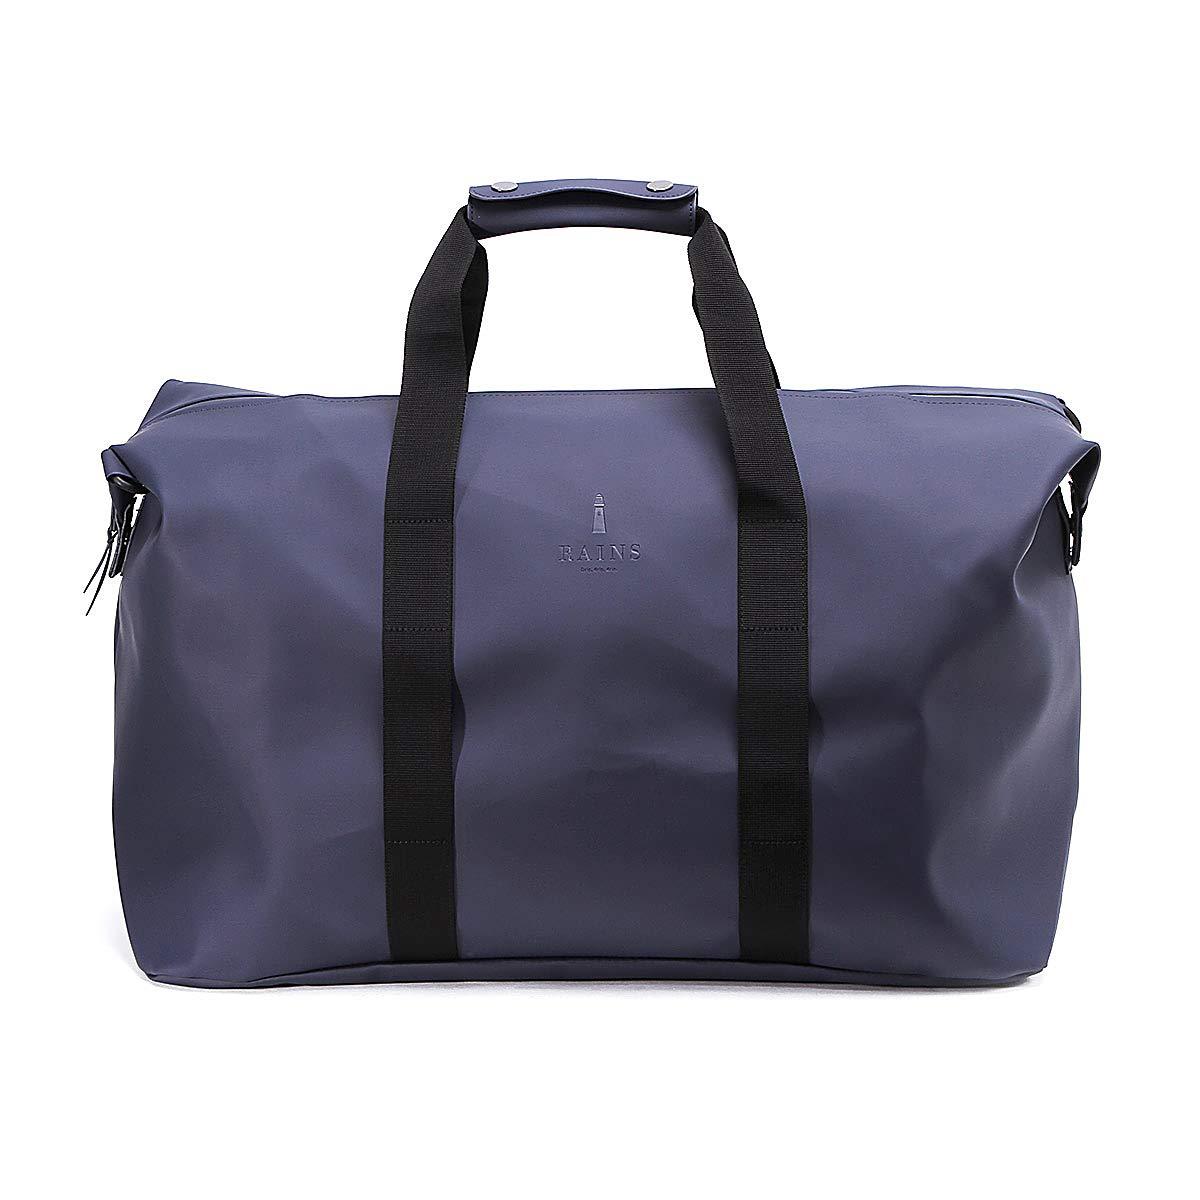 レインズ ボストンバッグ Weekend Bag RAINS 1286  ブルー B07H8ZMRGG